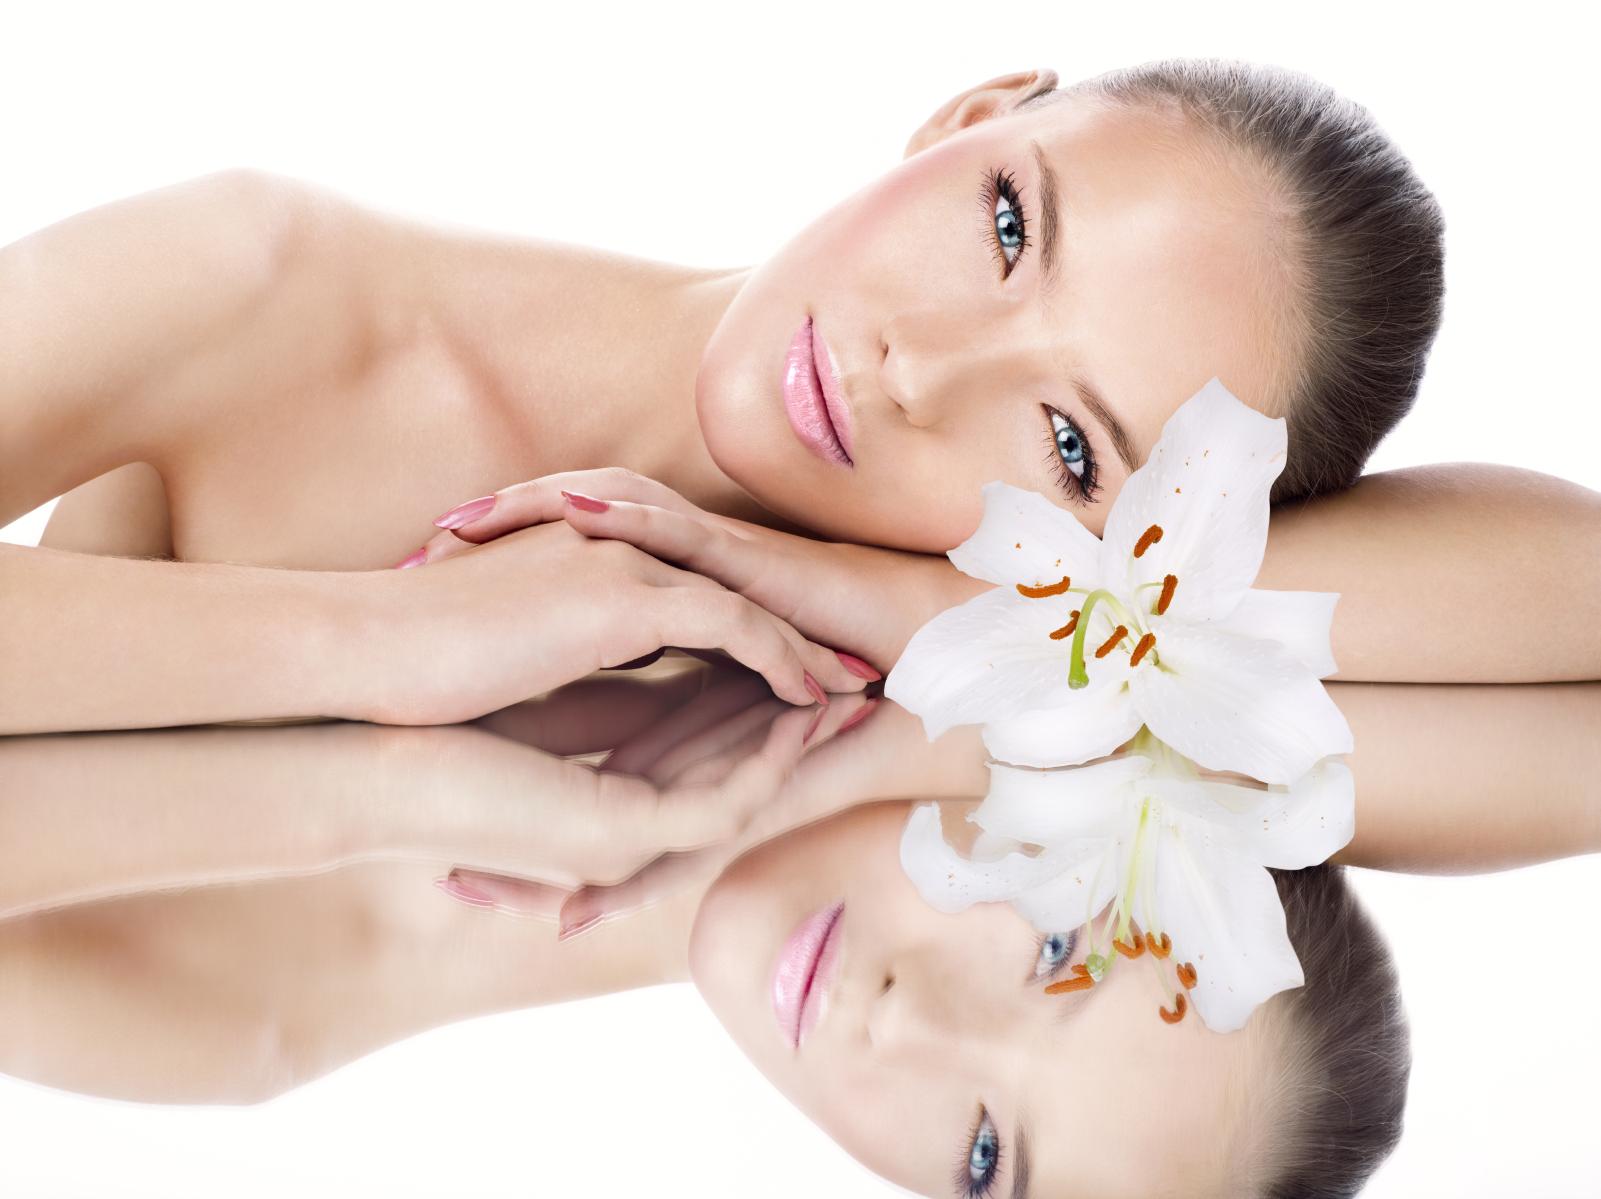 Используйте кремы для лица чтобы сохранить молодость кожи.jpg